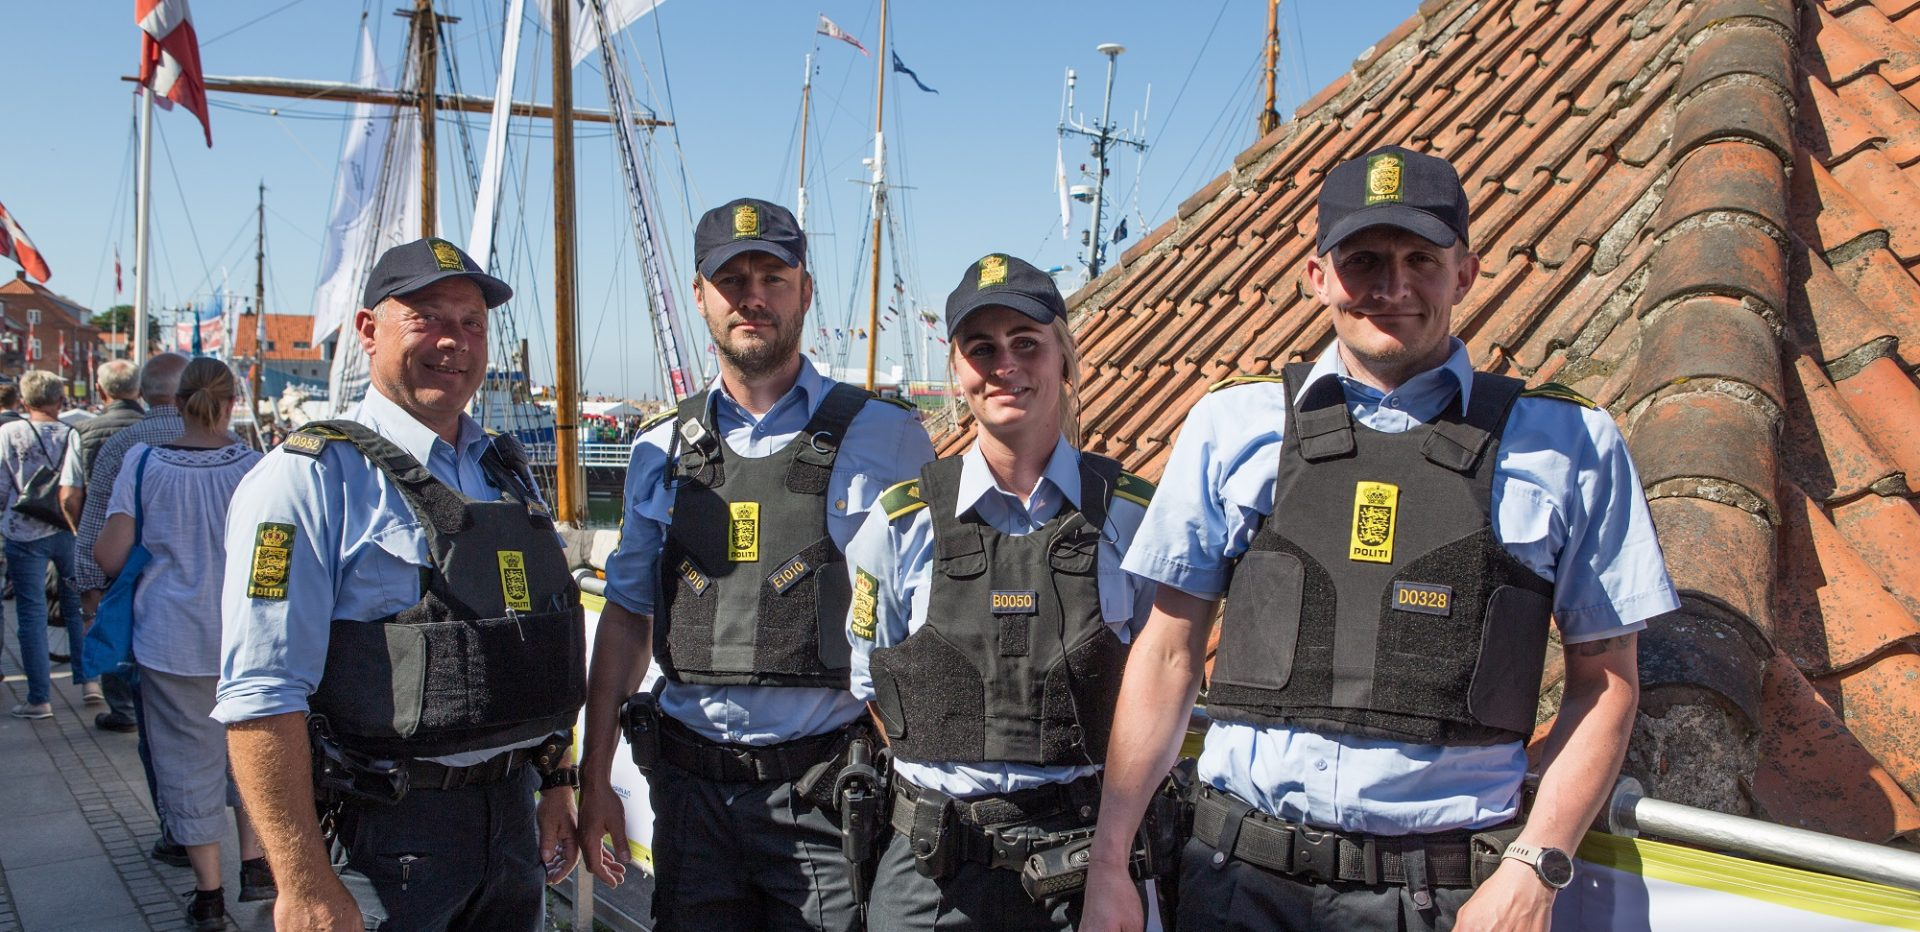 Fire betjente med veste og kasketter, står og smiler i solen ved havnen i Allinge.